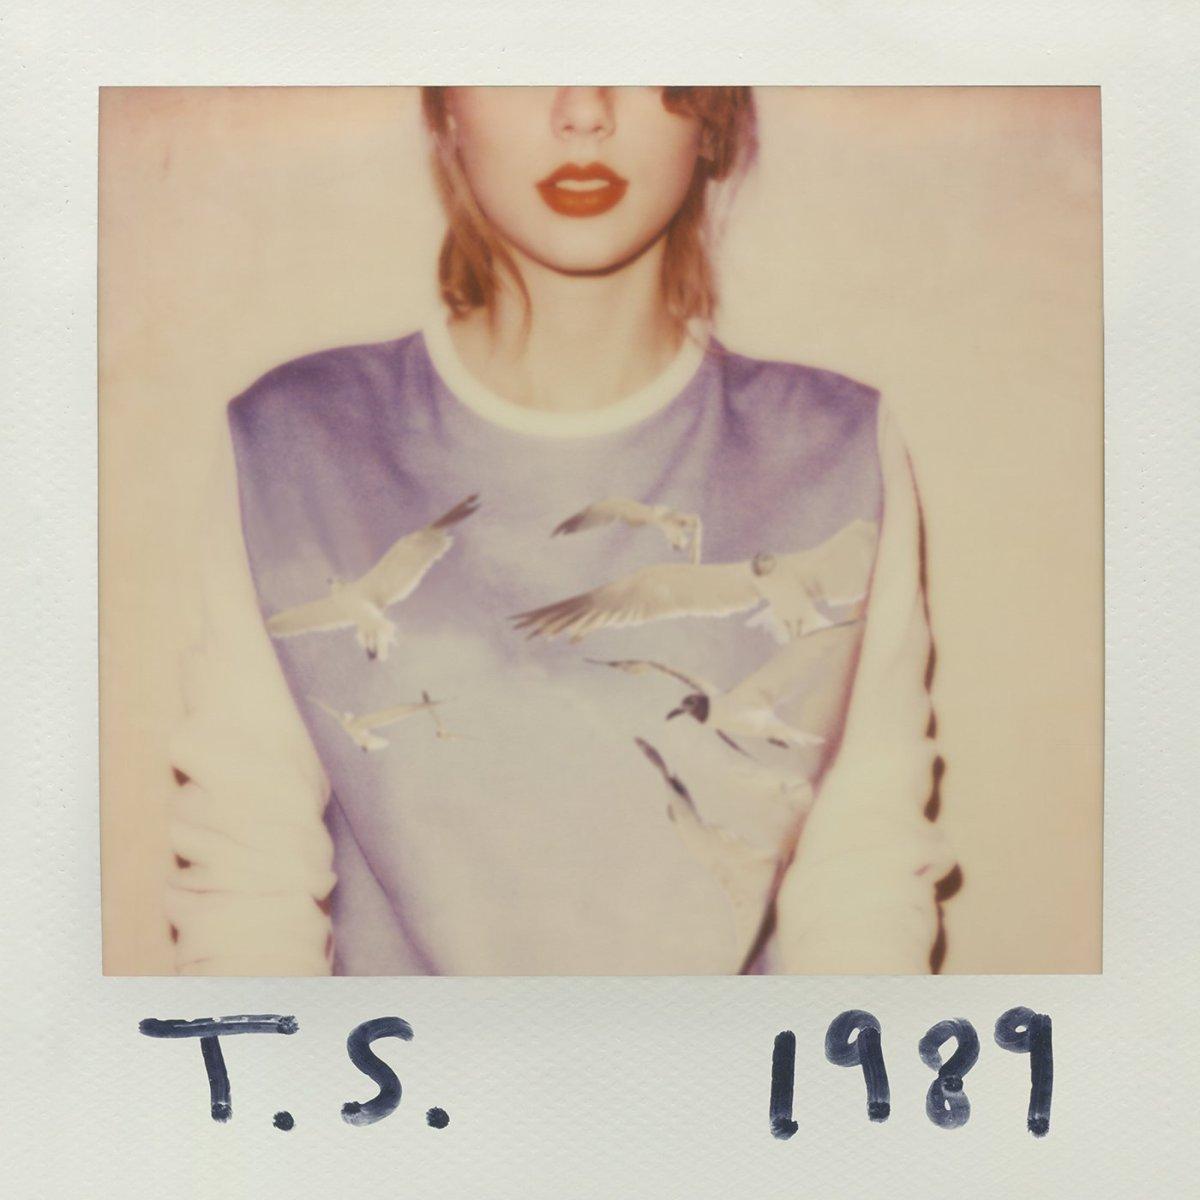 1989 – TaylorSwift